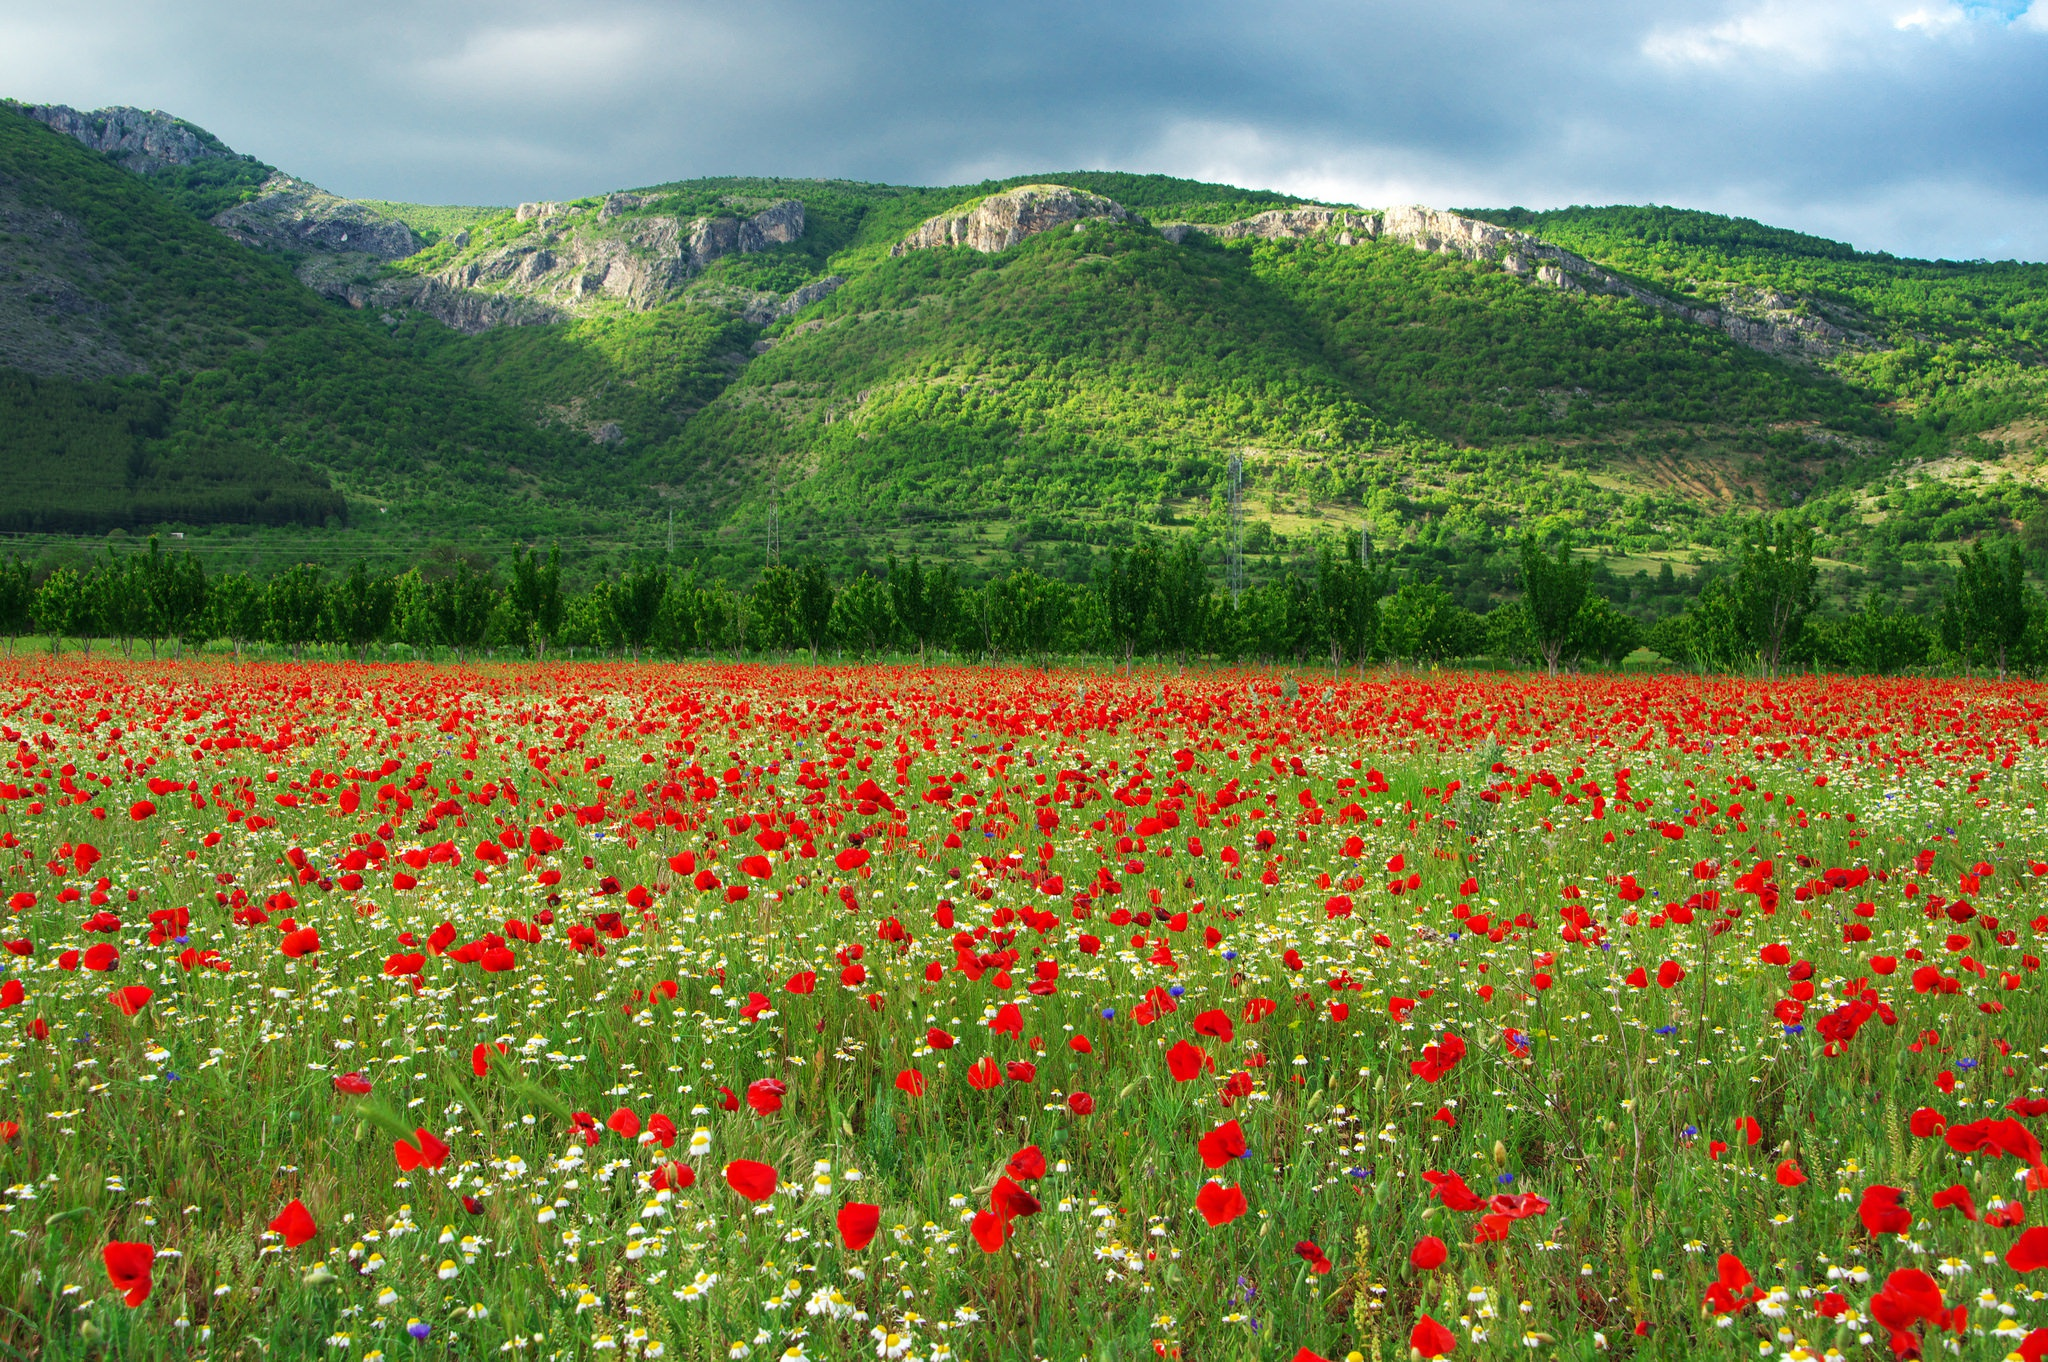 картинки для фона болгария была практически